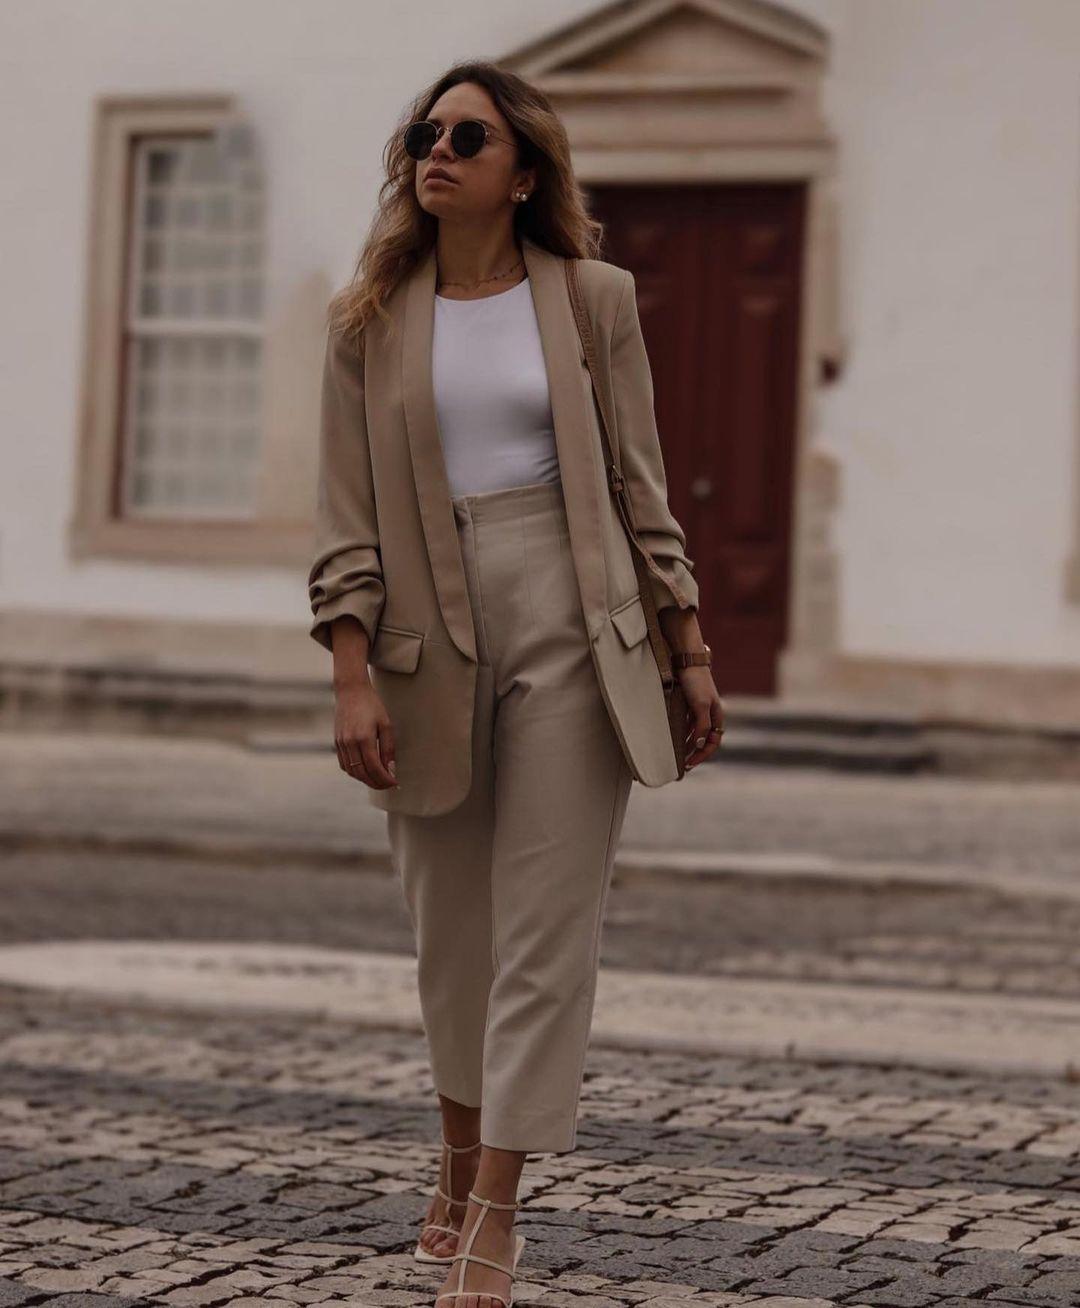 asymmetric body de Zara sur zara.outfits